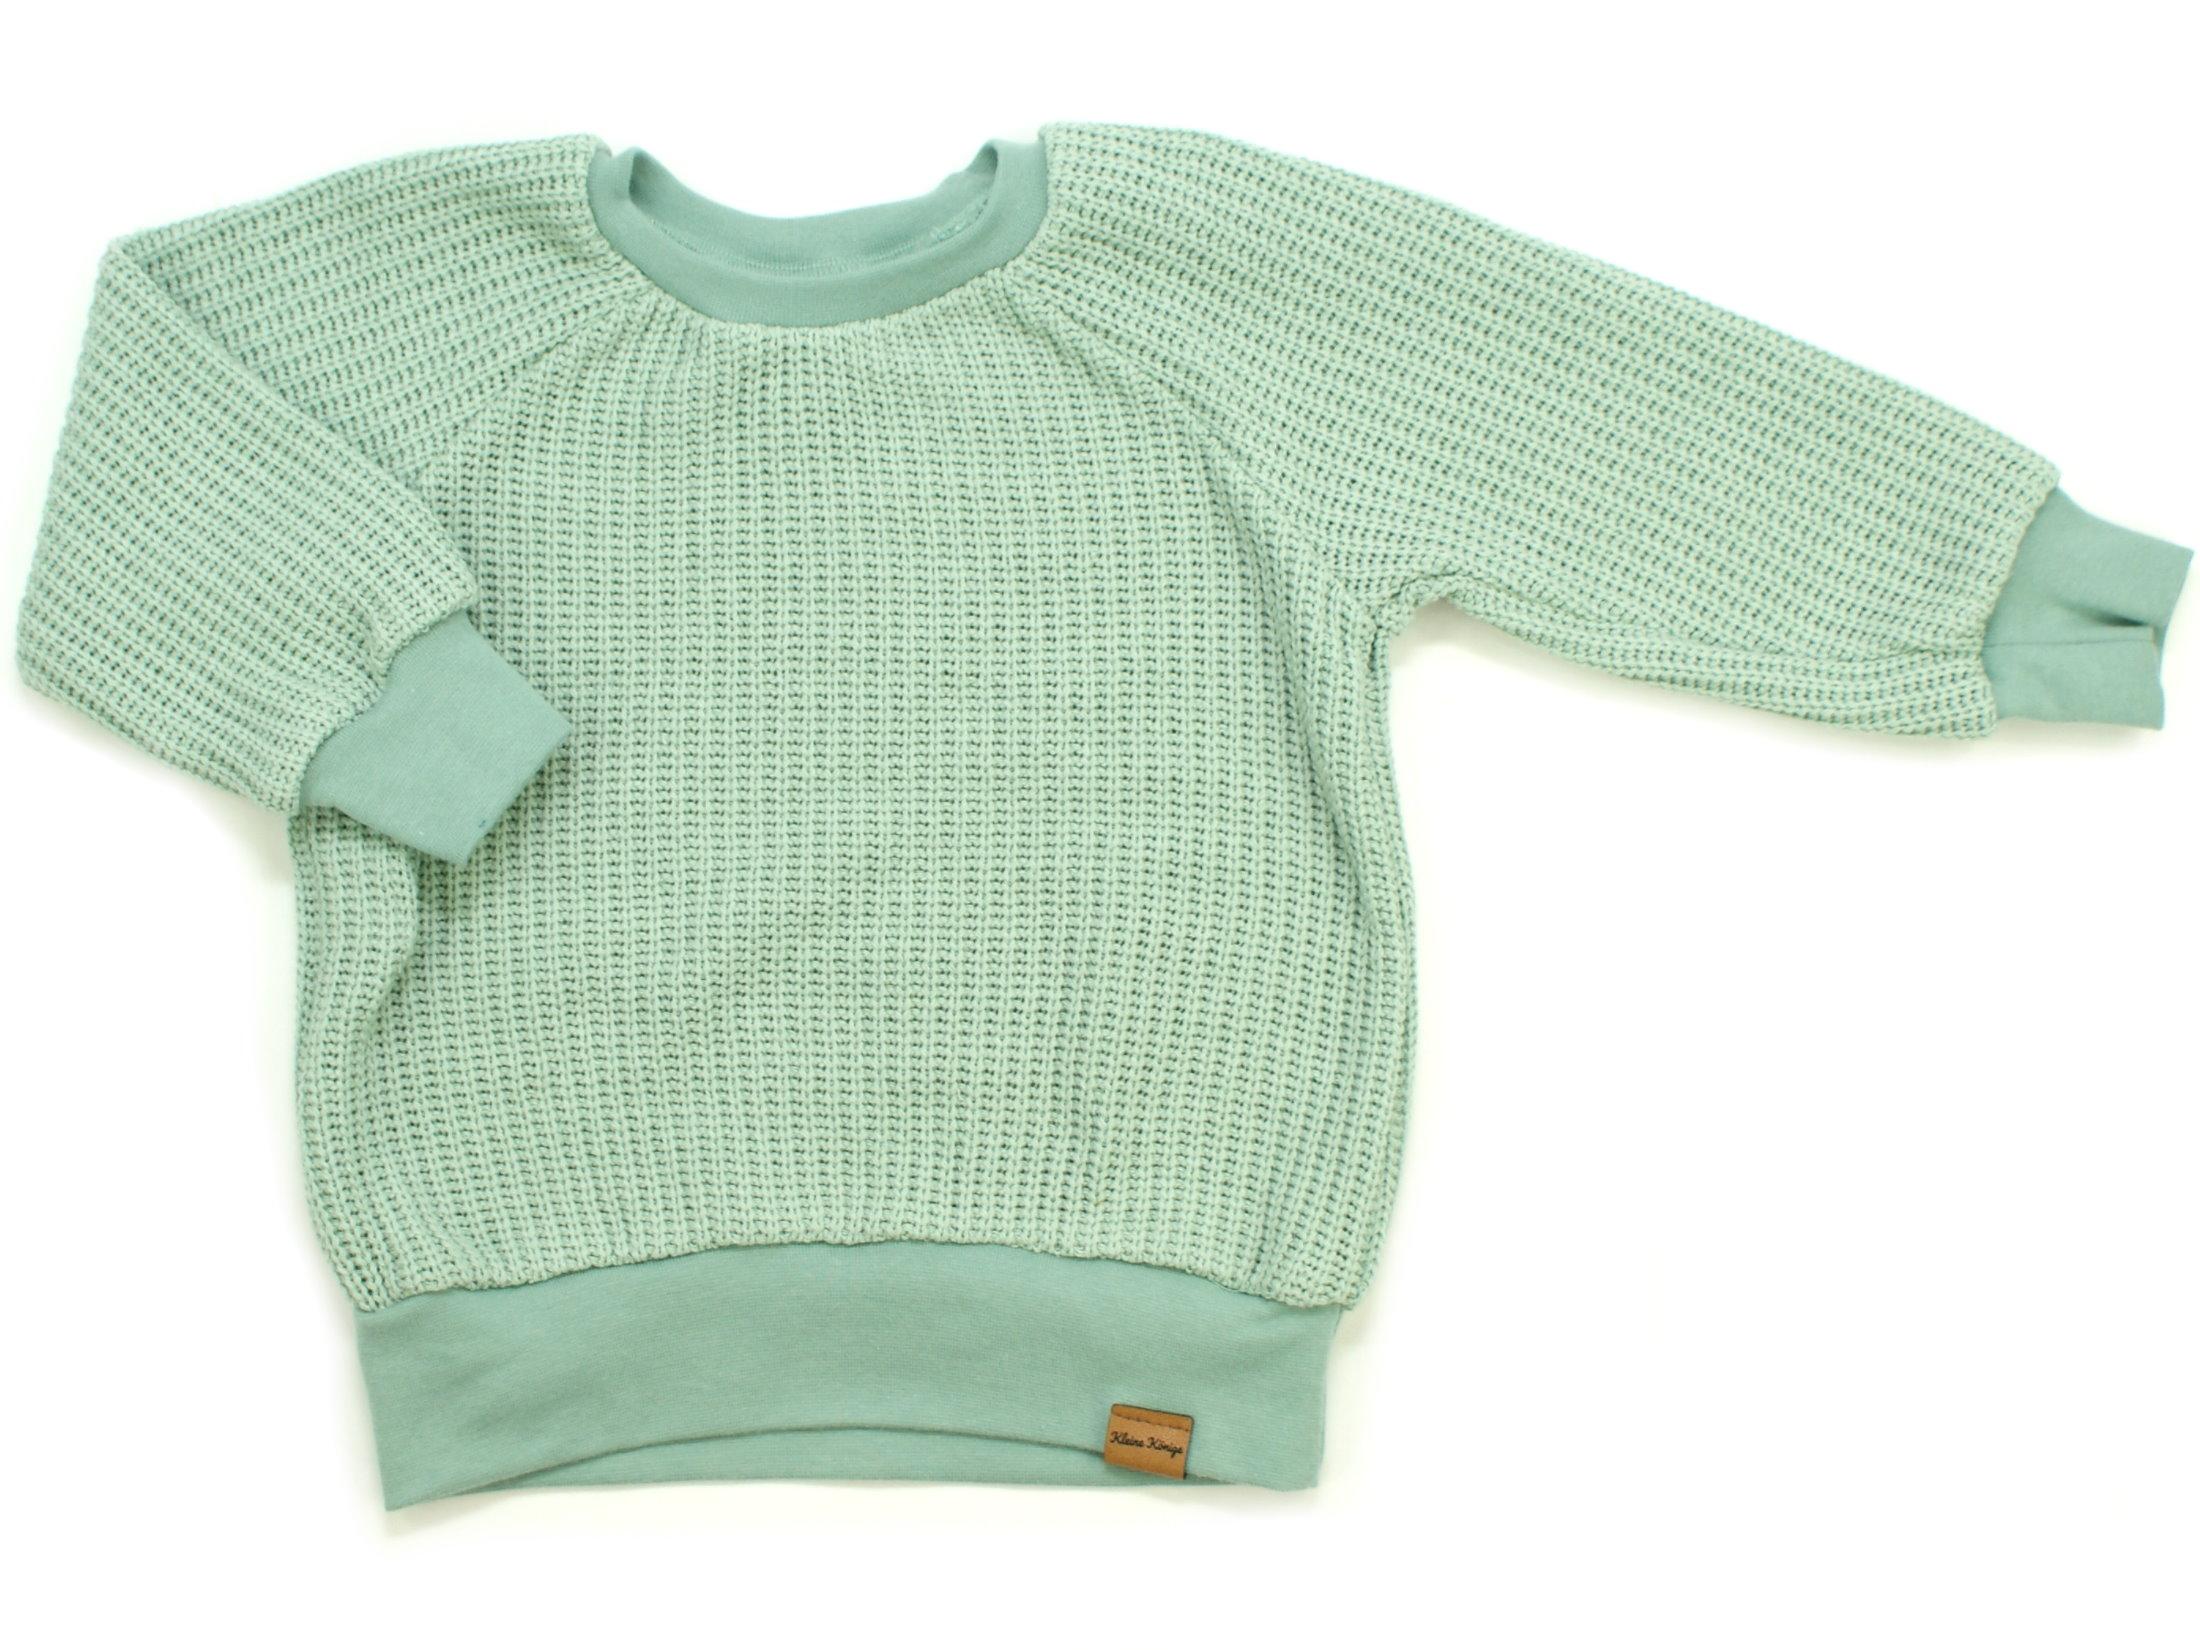 Kinder Pullover Shirt Strick Uni mint